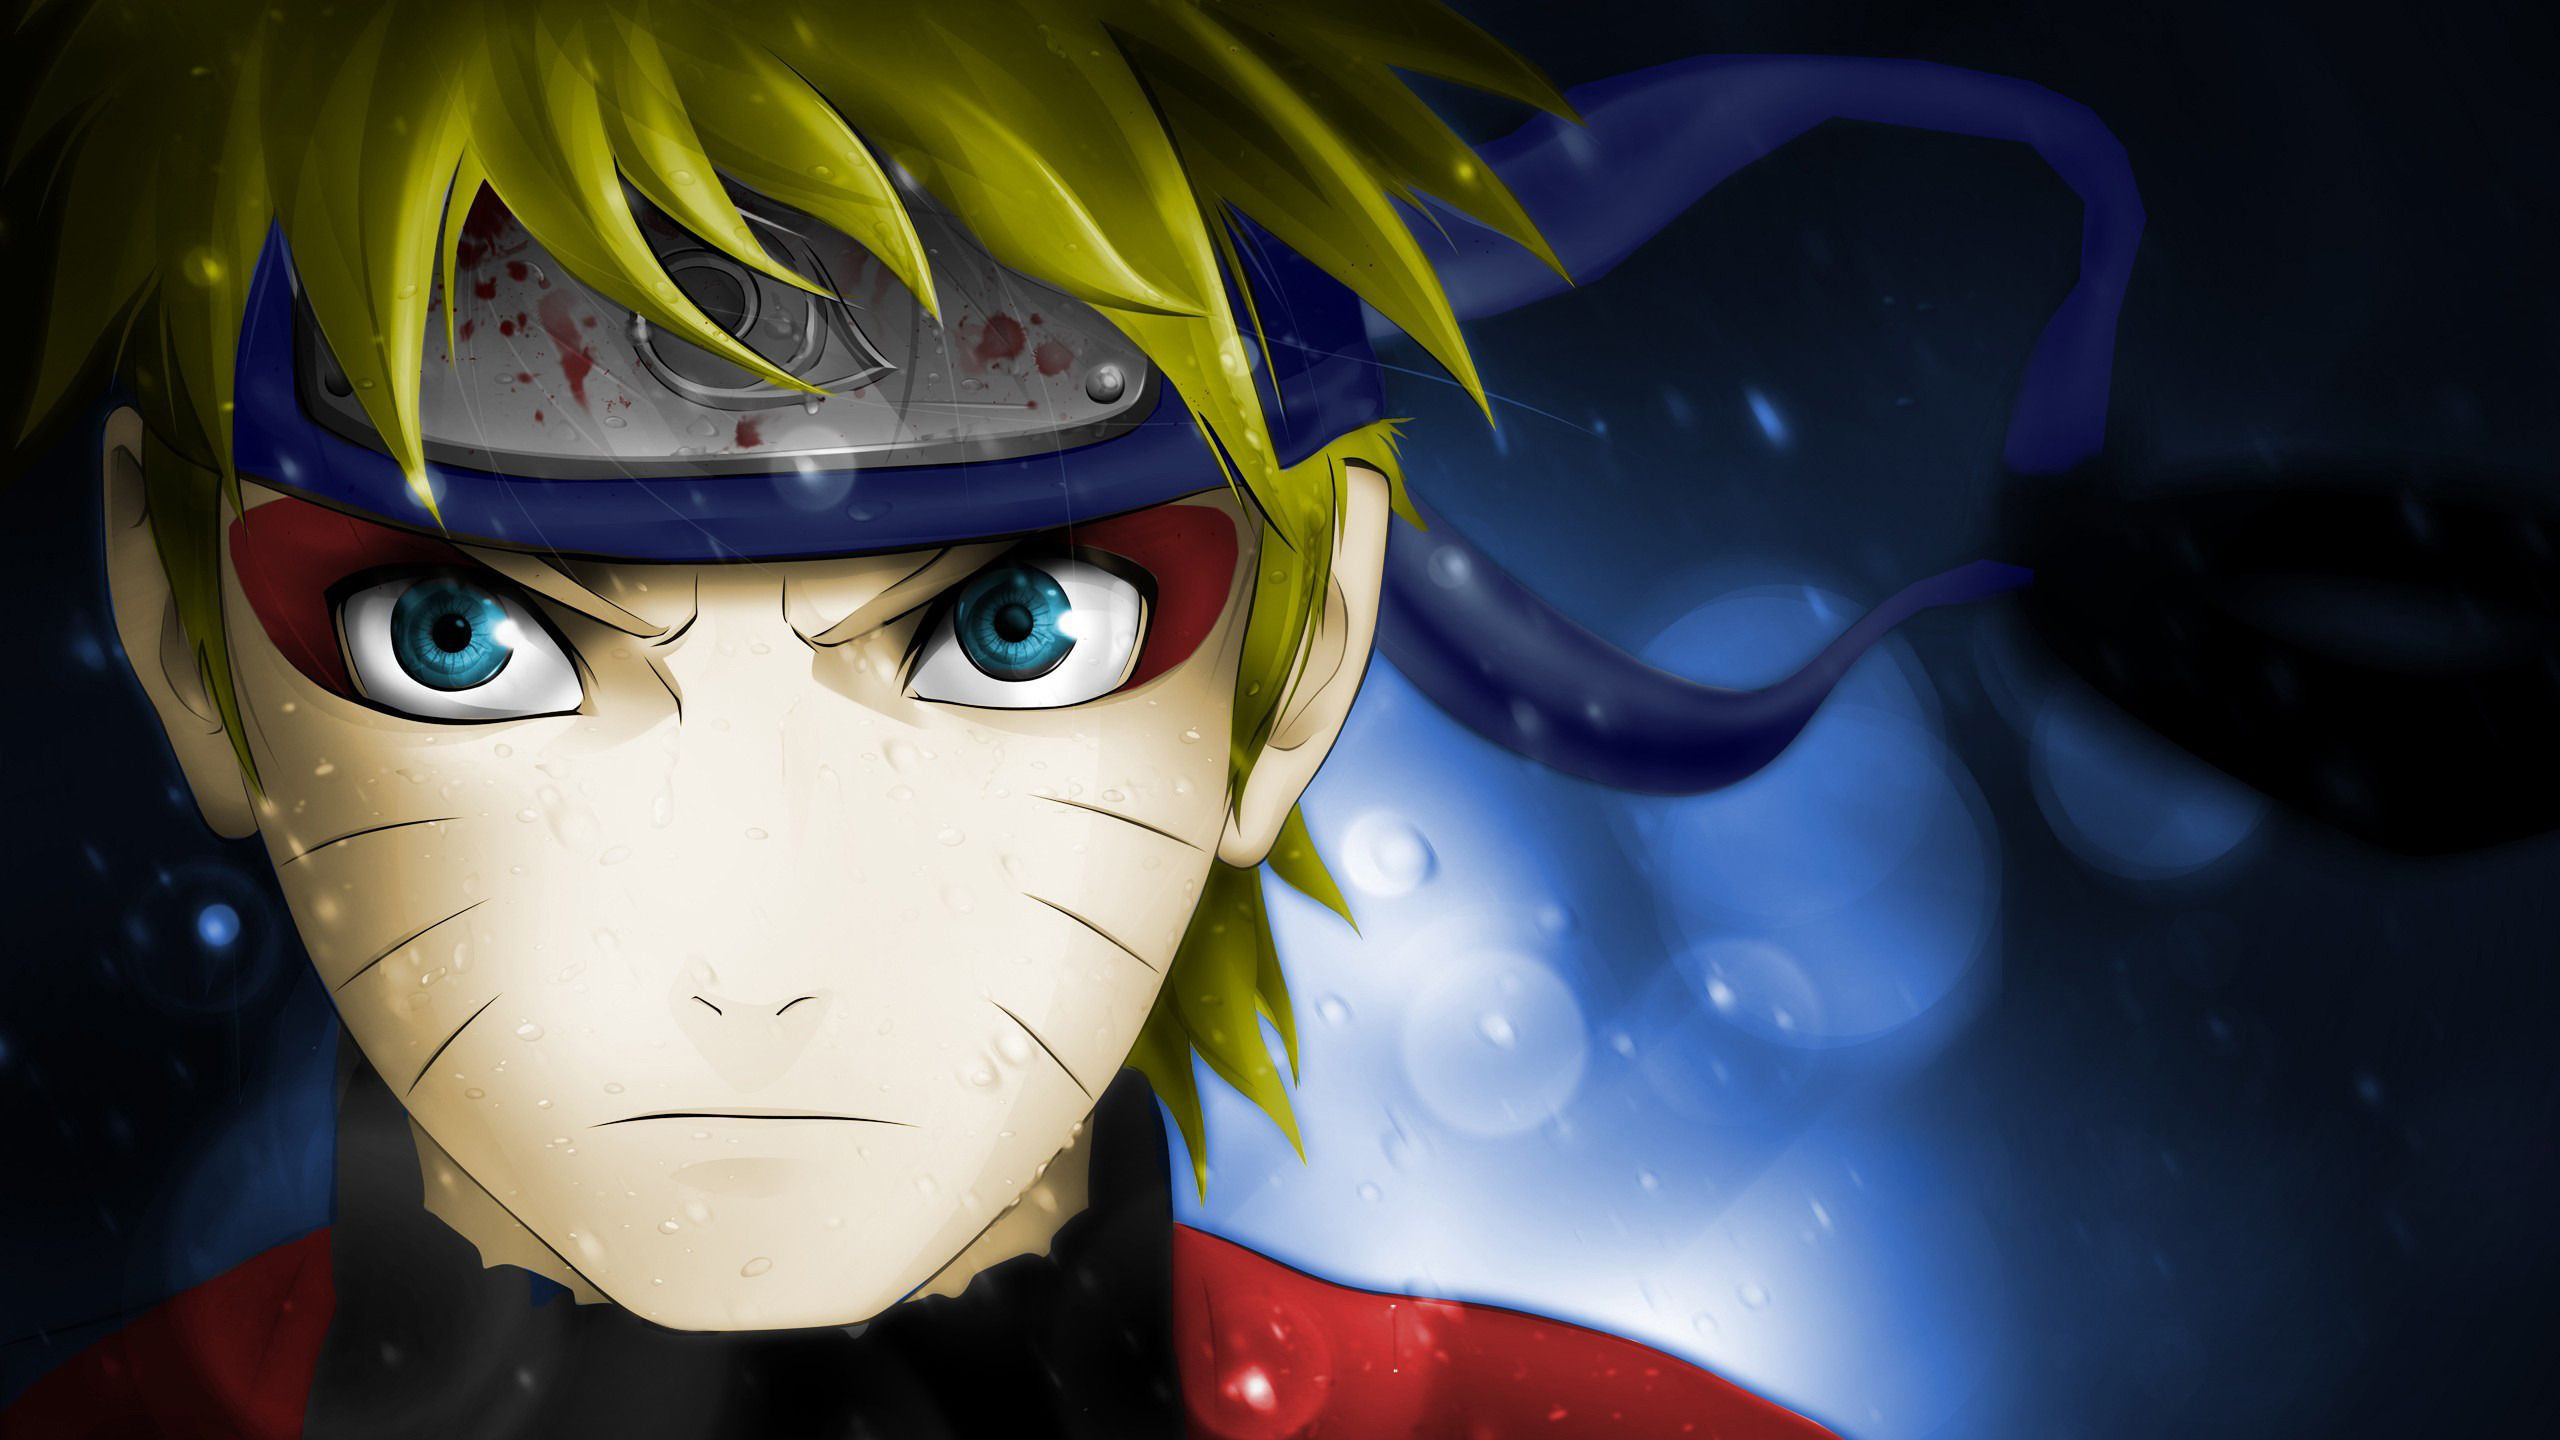 Naruto Wallpapers Hd Anime Wallpapers Anime Naruto Wallpaper